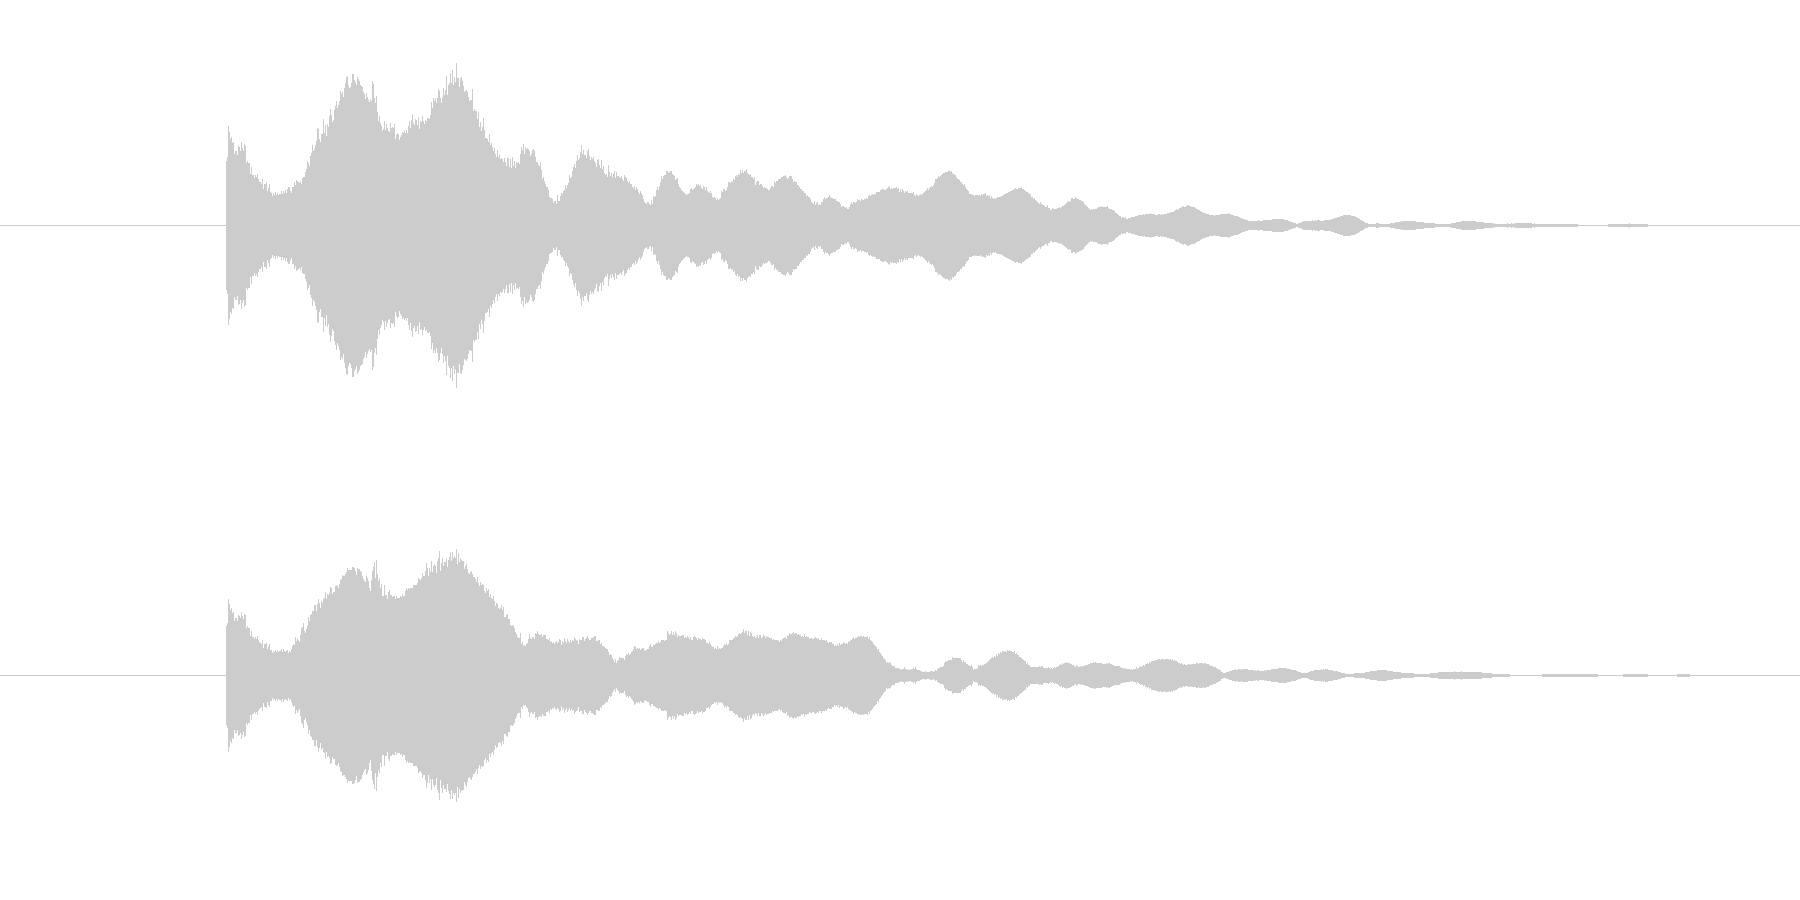 煌びやかにキーンという音色の未再生の波形